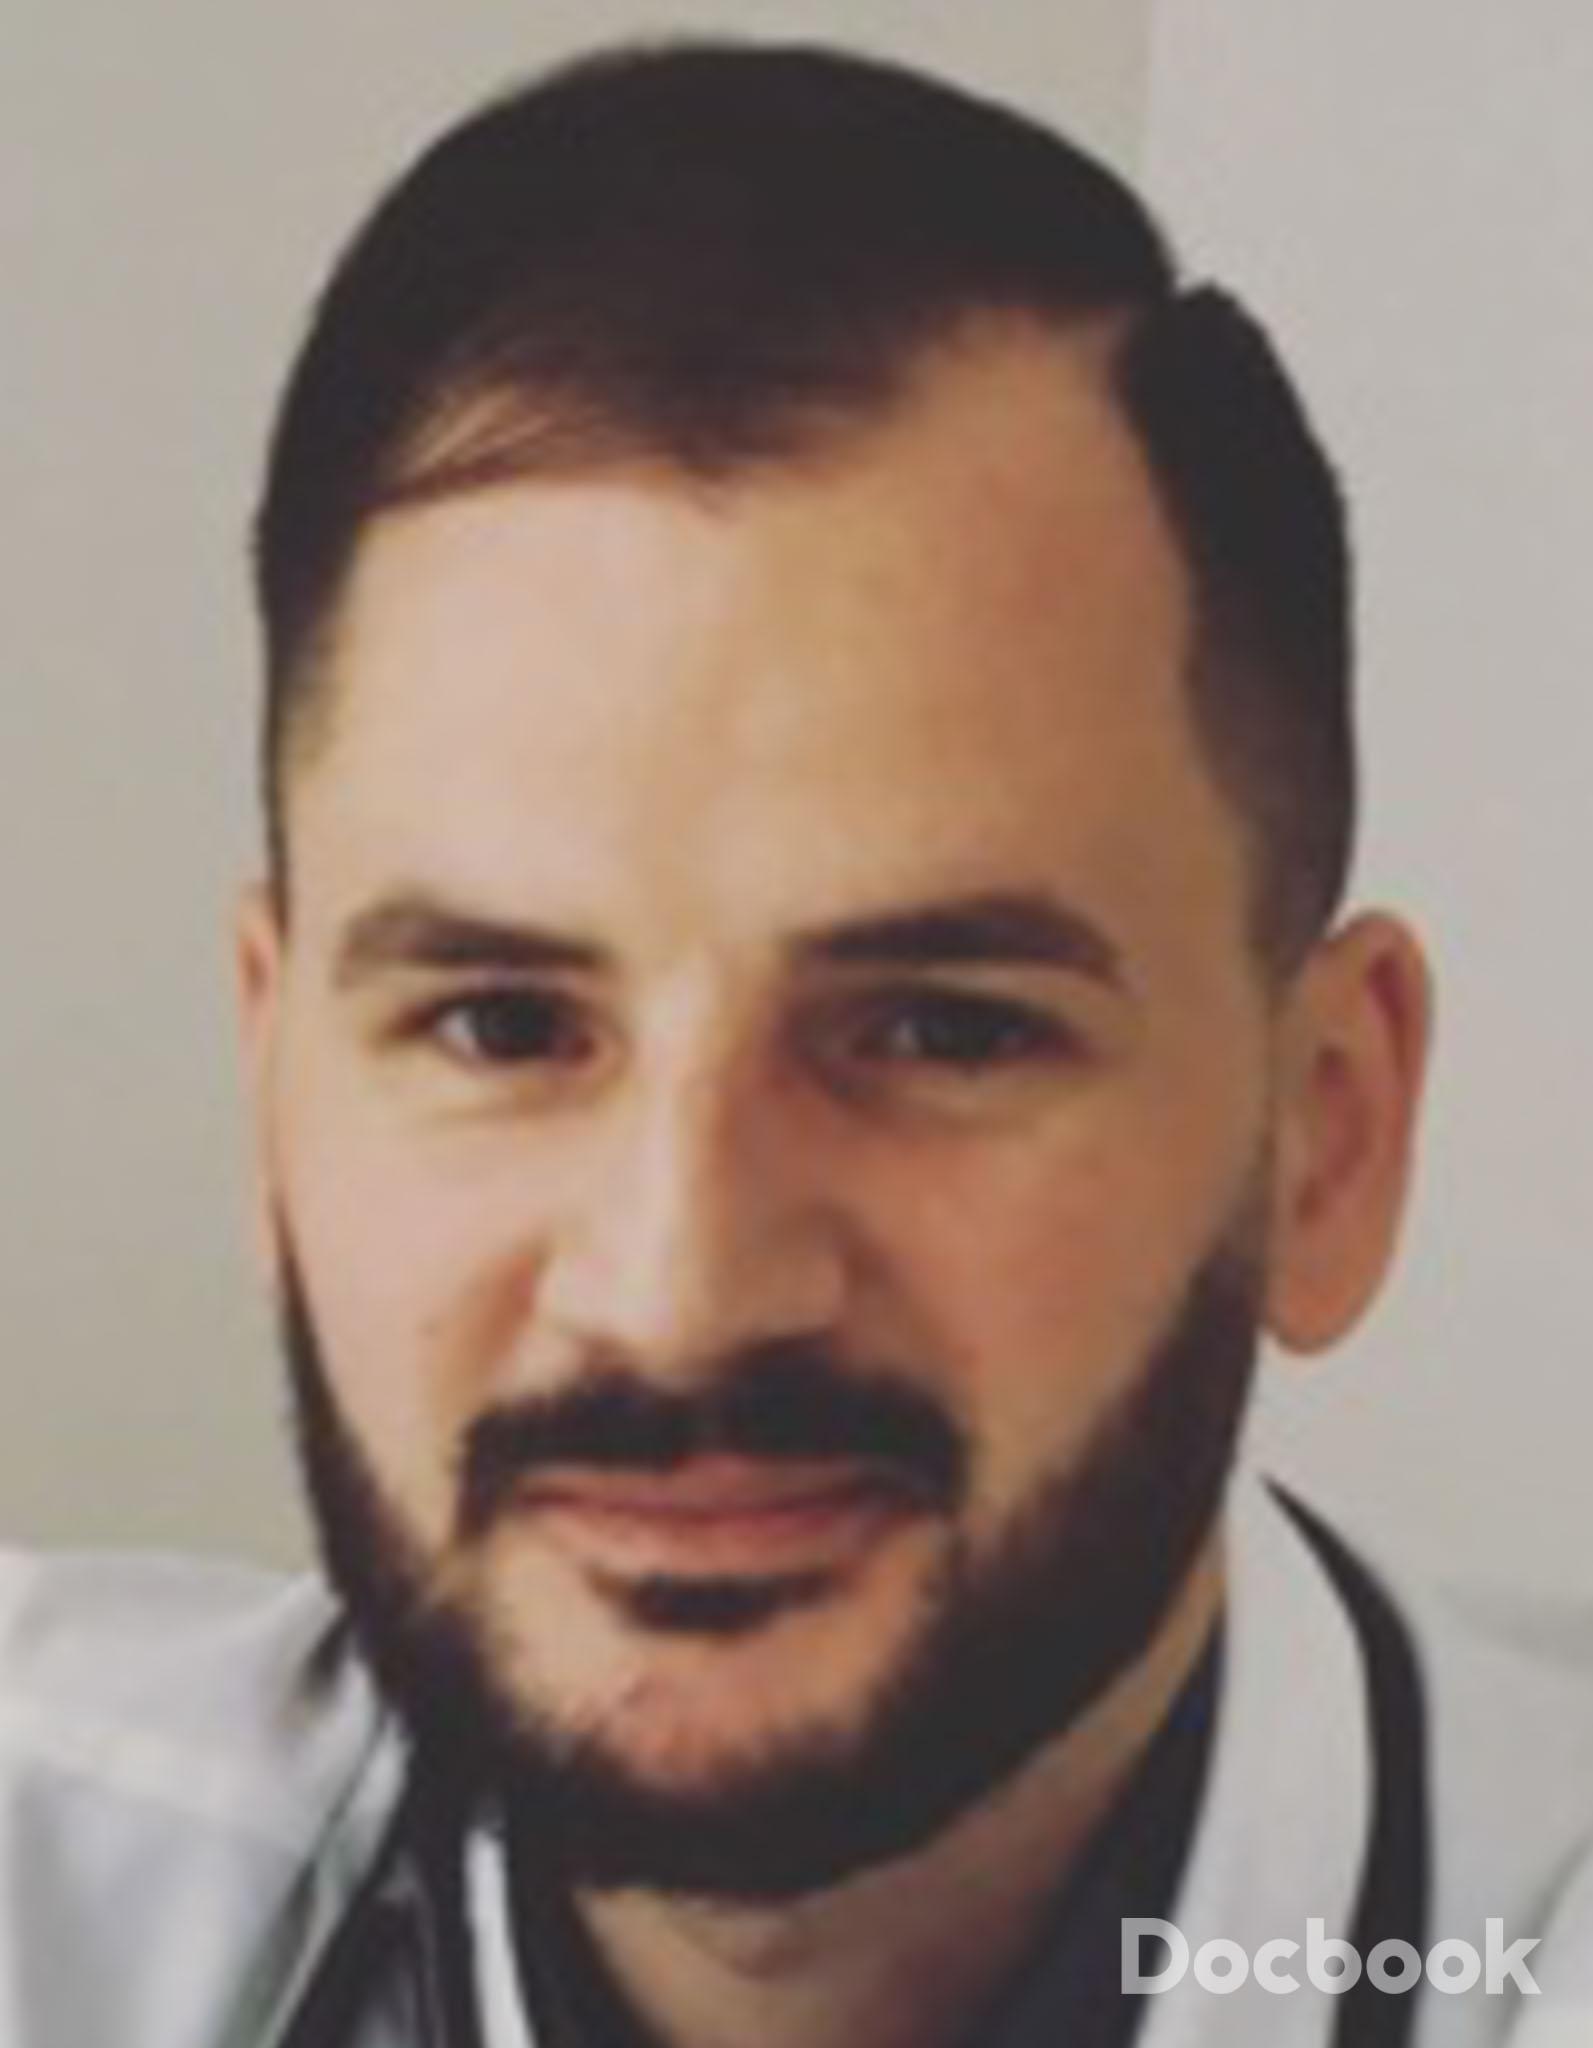 Dr. Florian-Rafael Saiescu